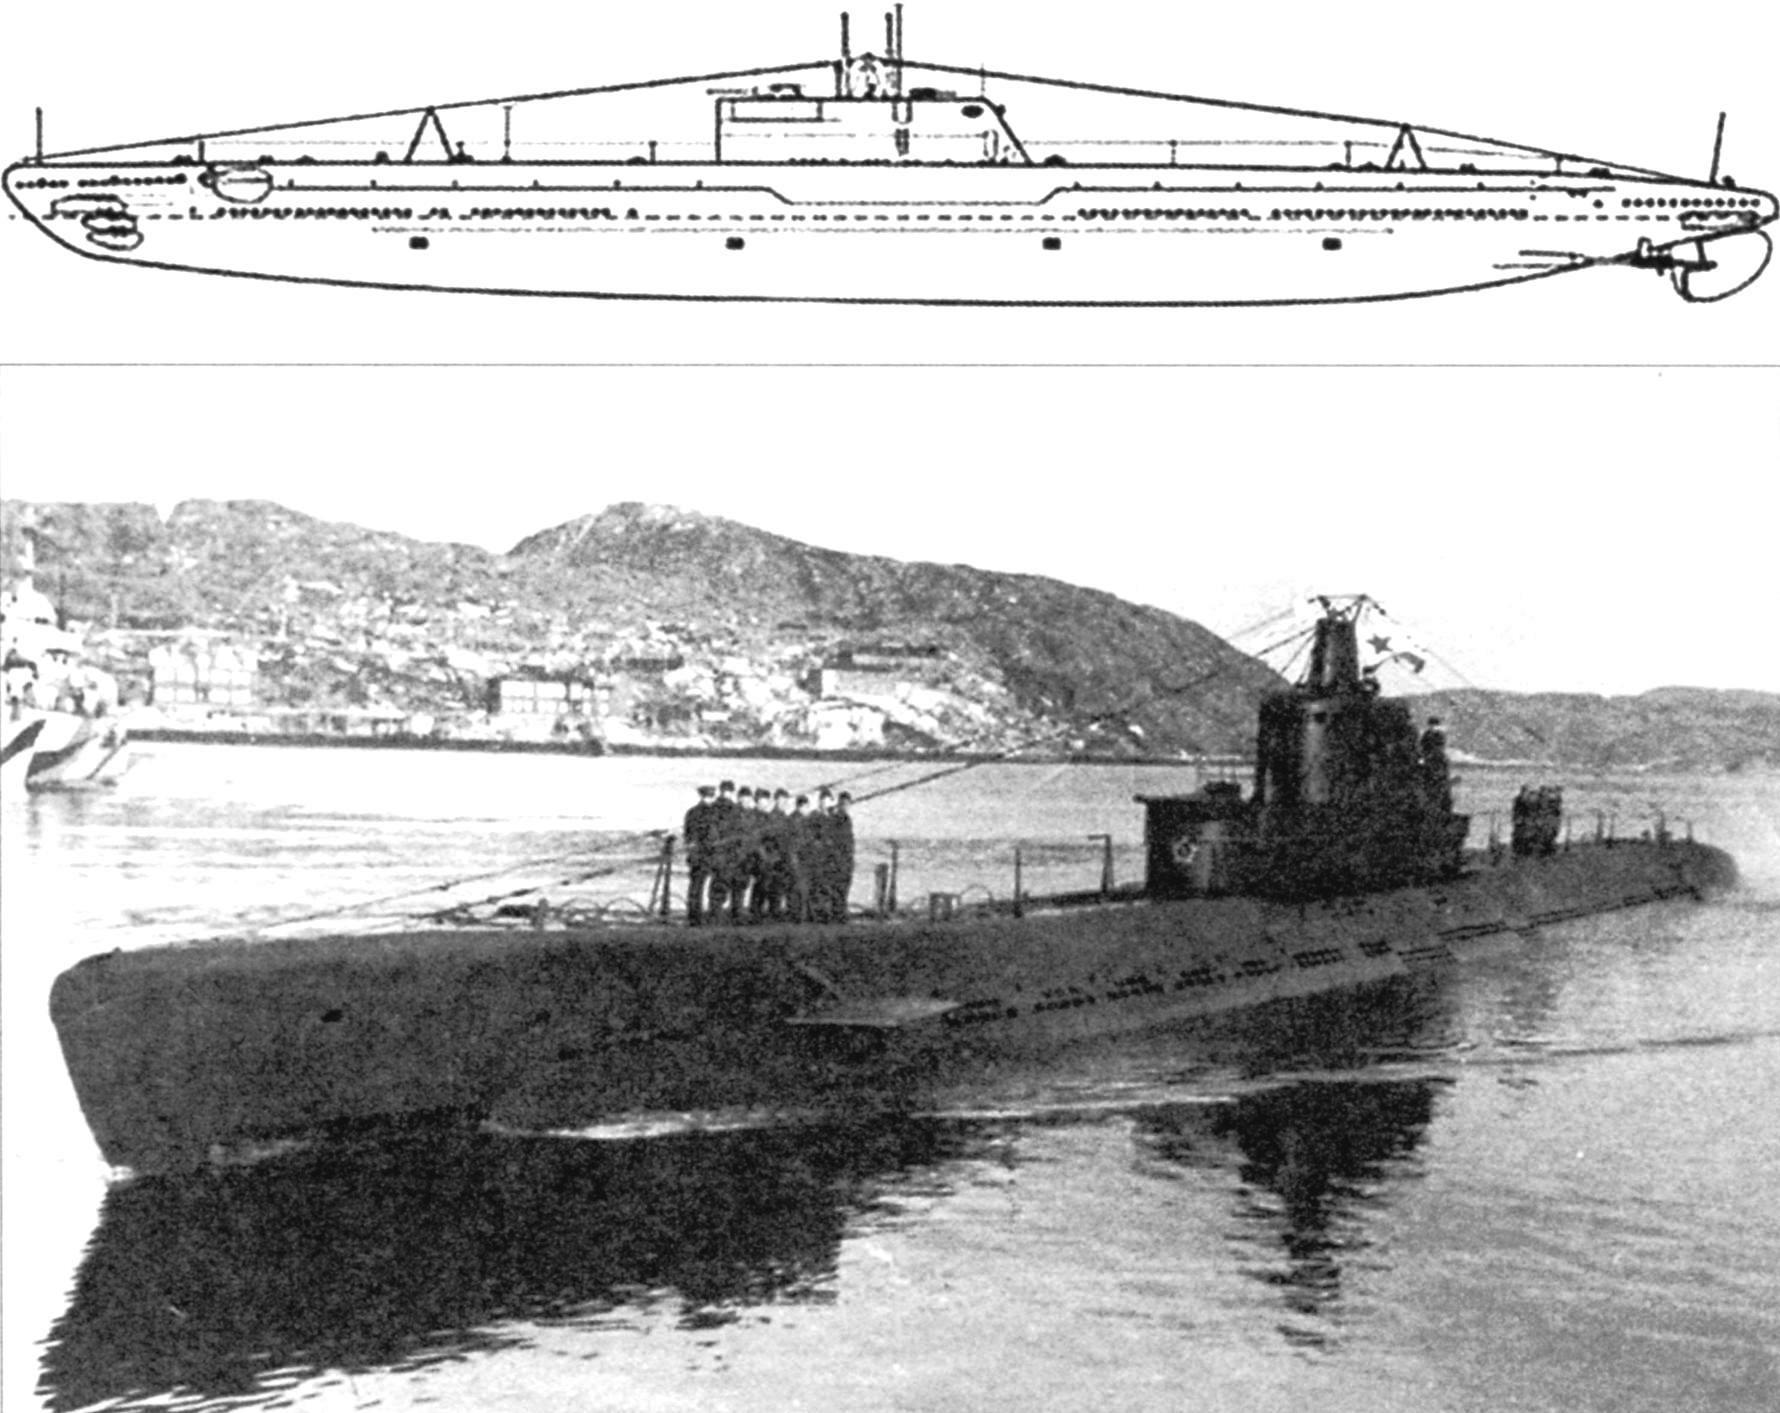 Подводная лодка «Д-1» («Декабрист»), 1-я серия, СССР, 1930 г.